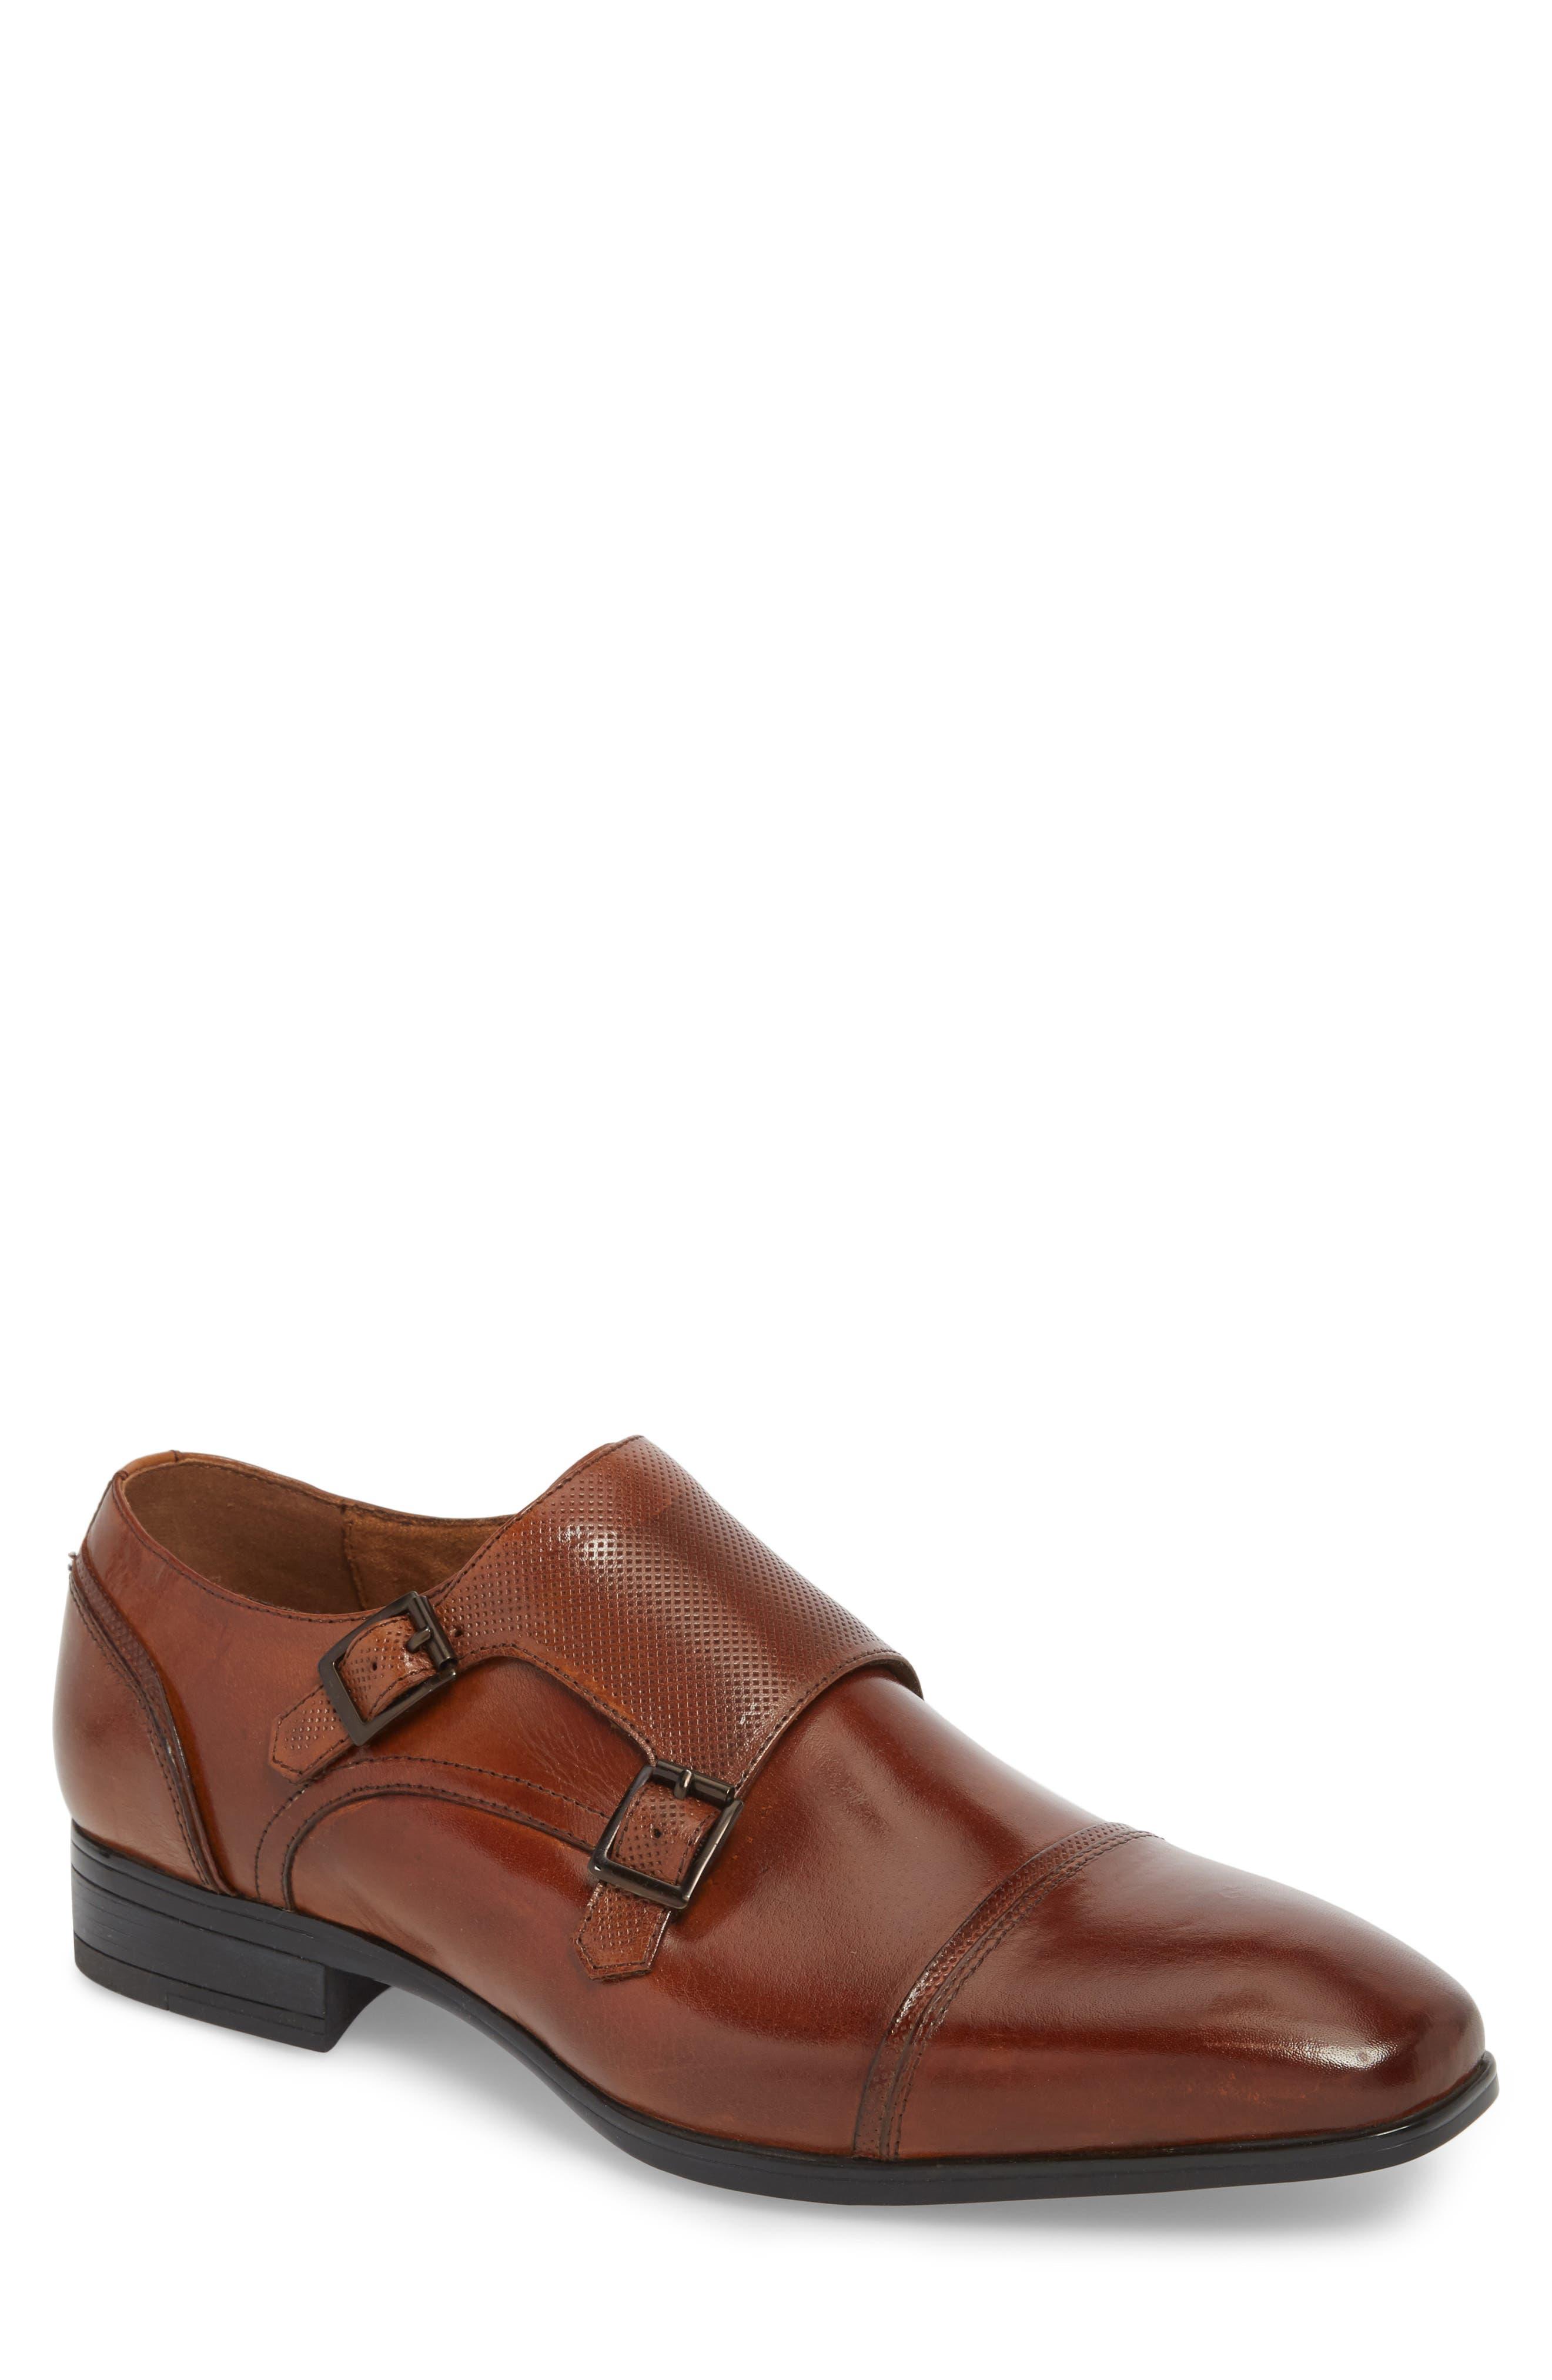 Oliver Cap Toe Monk Shoe,                         Main,                         color, COGNAC LEATHER